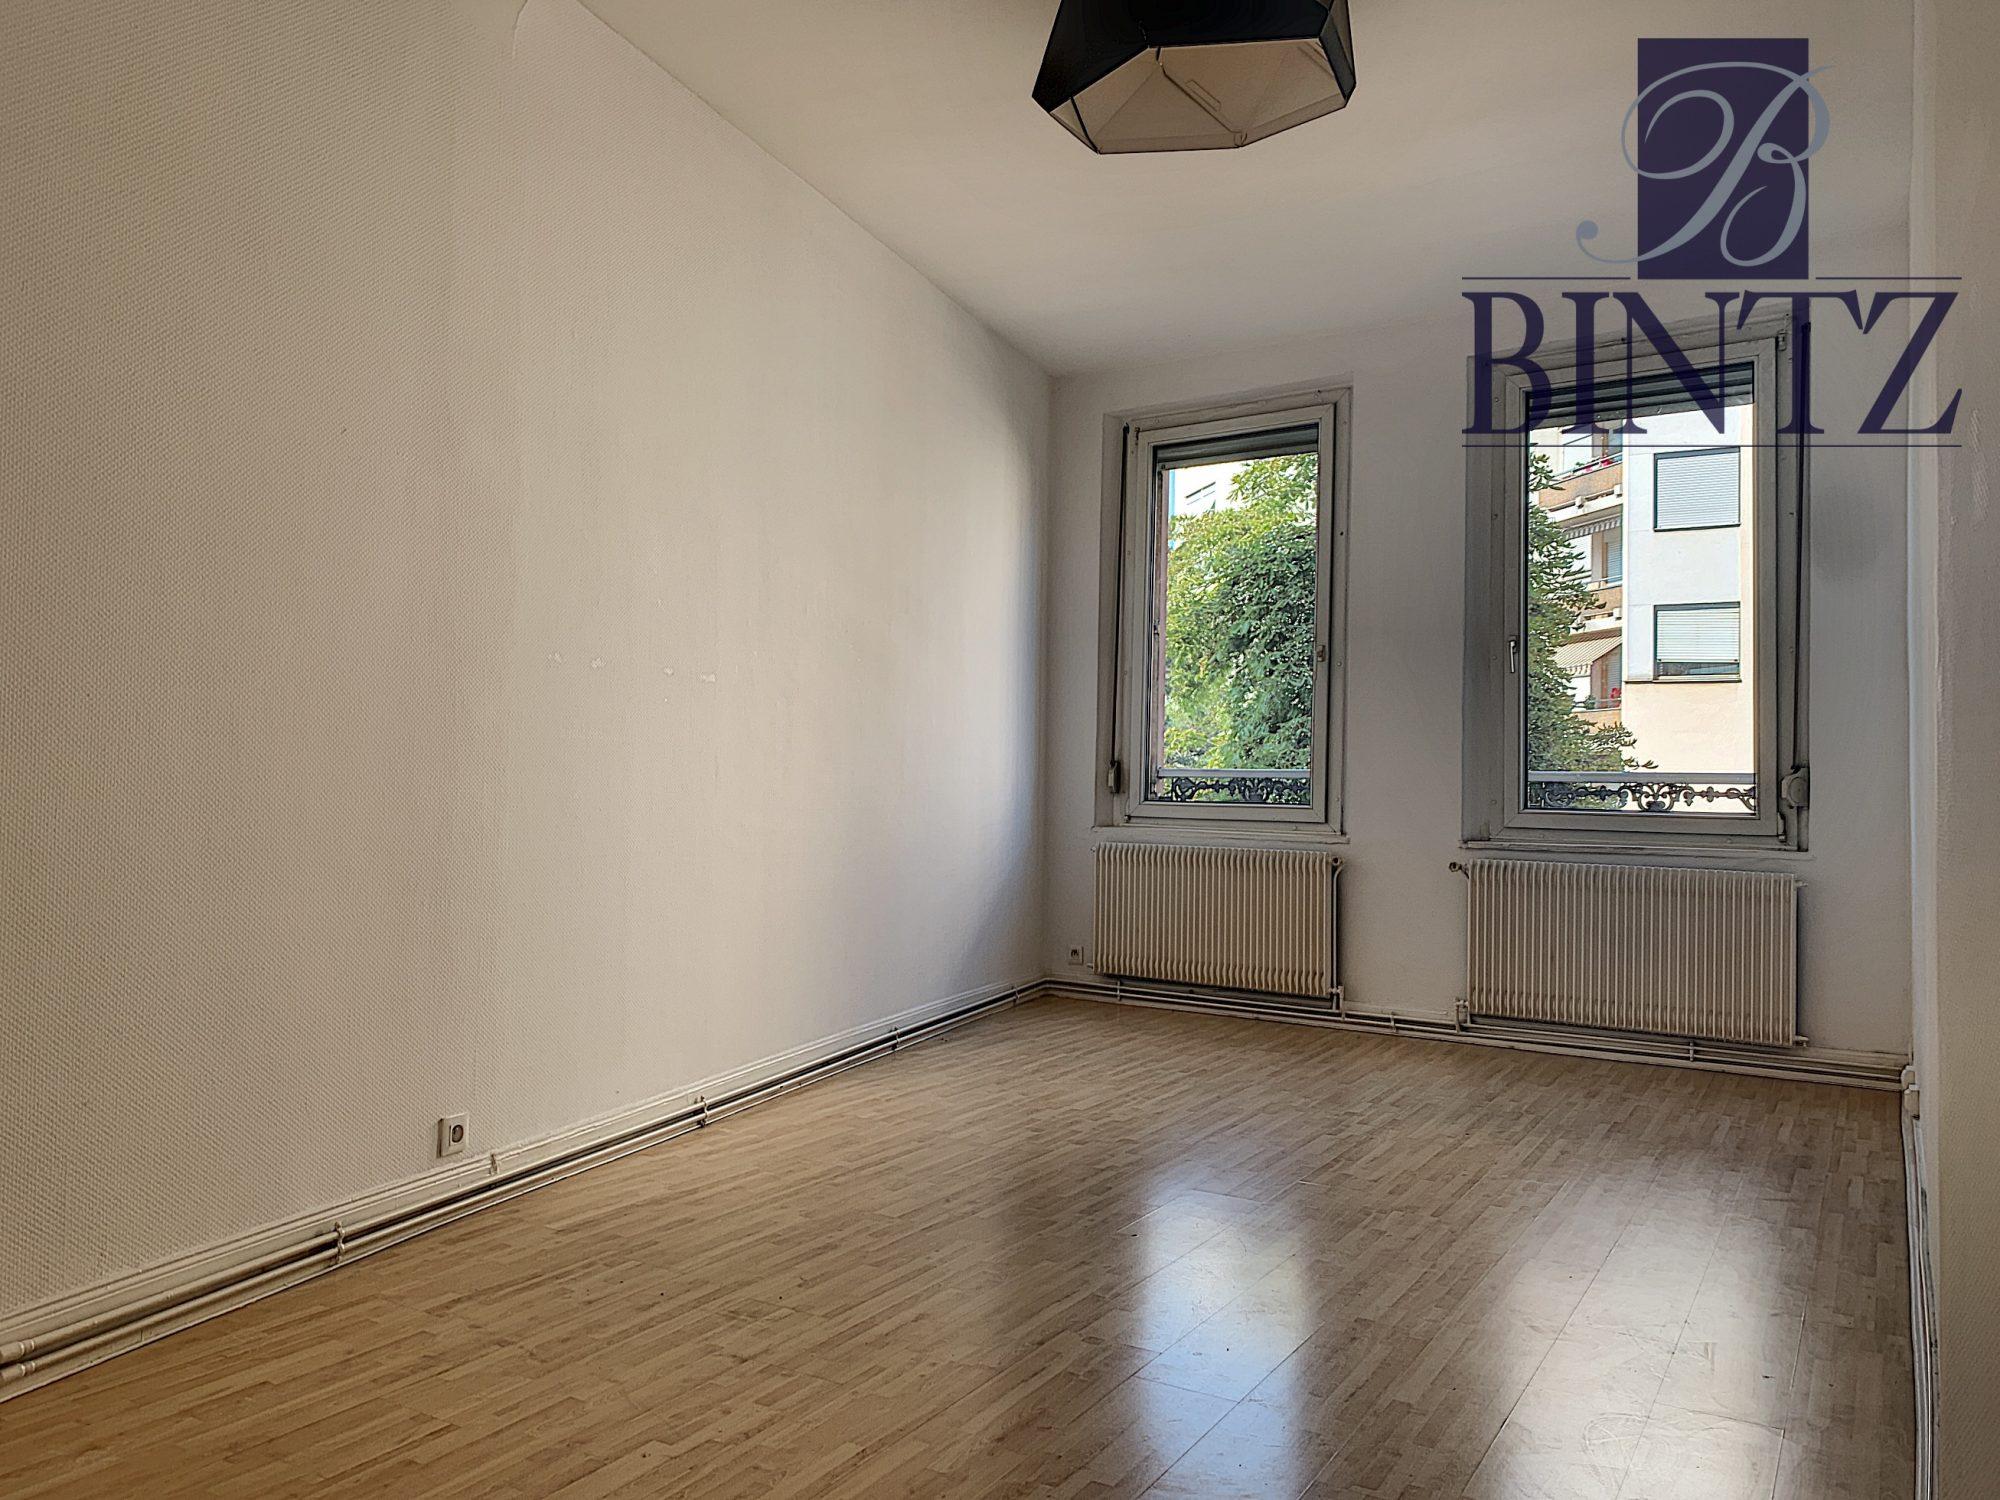 2 PIÈCES RUE DE ZURICH - Devenez locataire en toute sérénité - Bintz Immobilier - 5